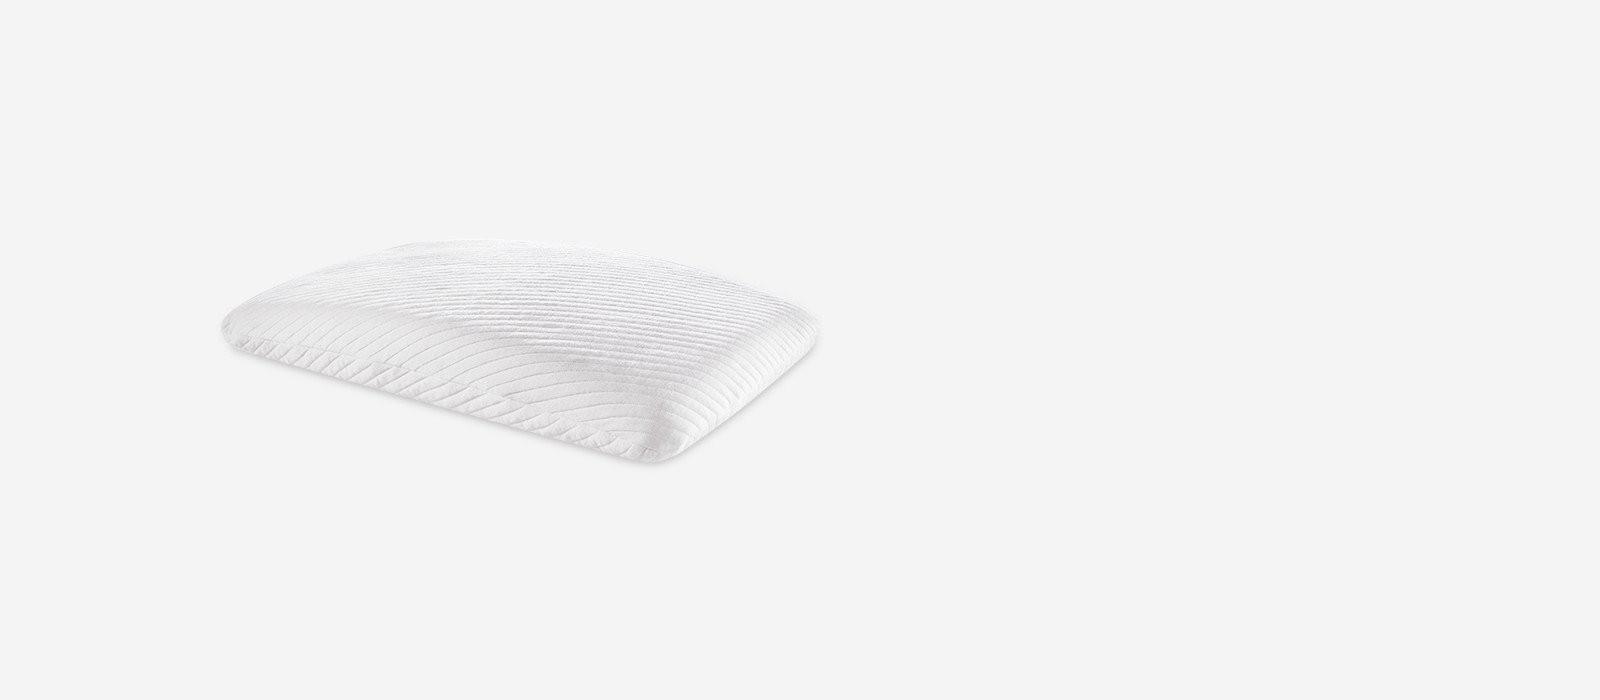 Tempur Essential Support Pillow By Tempur Pedic